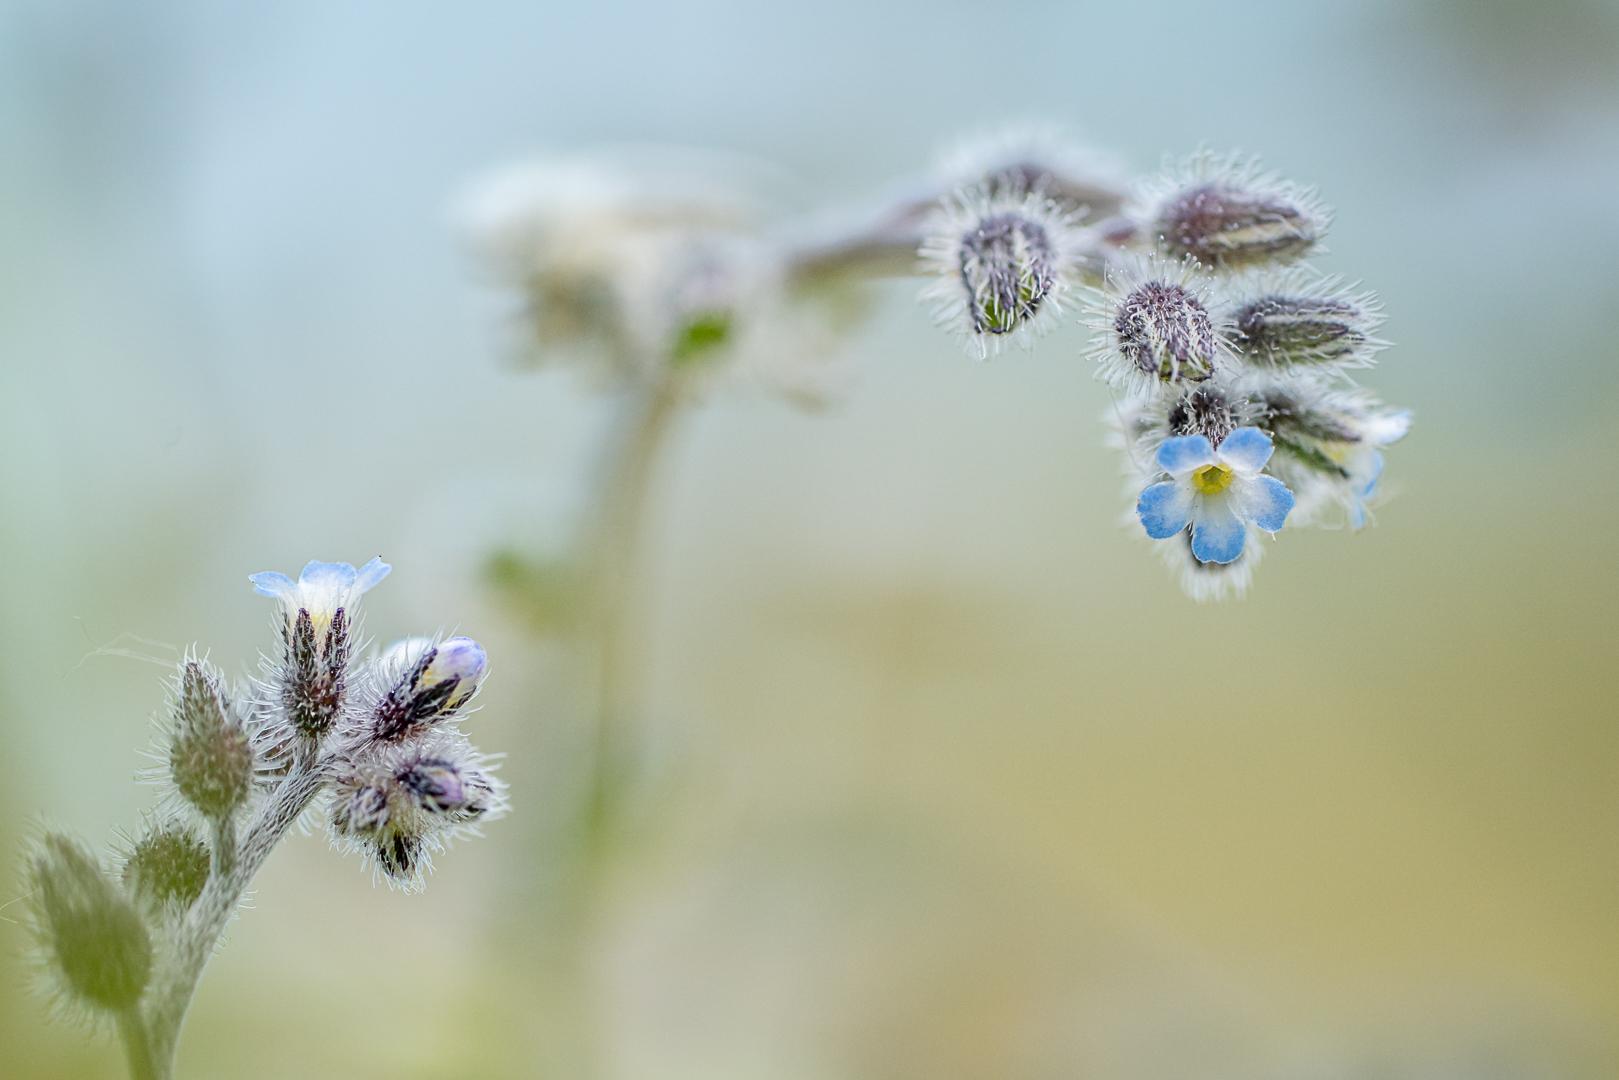 Ruw vergeet‑mij‑nietje,  Myosotis ramosissima